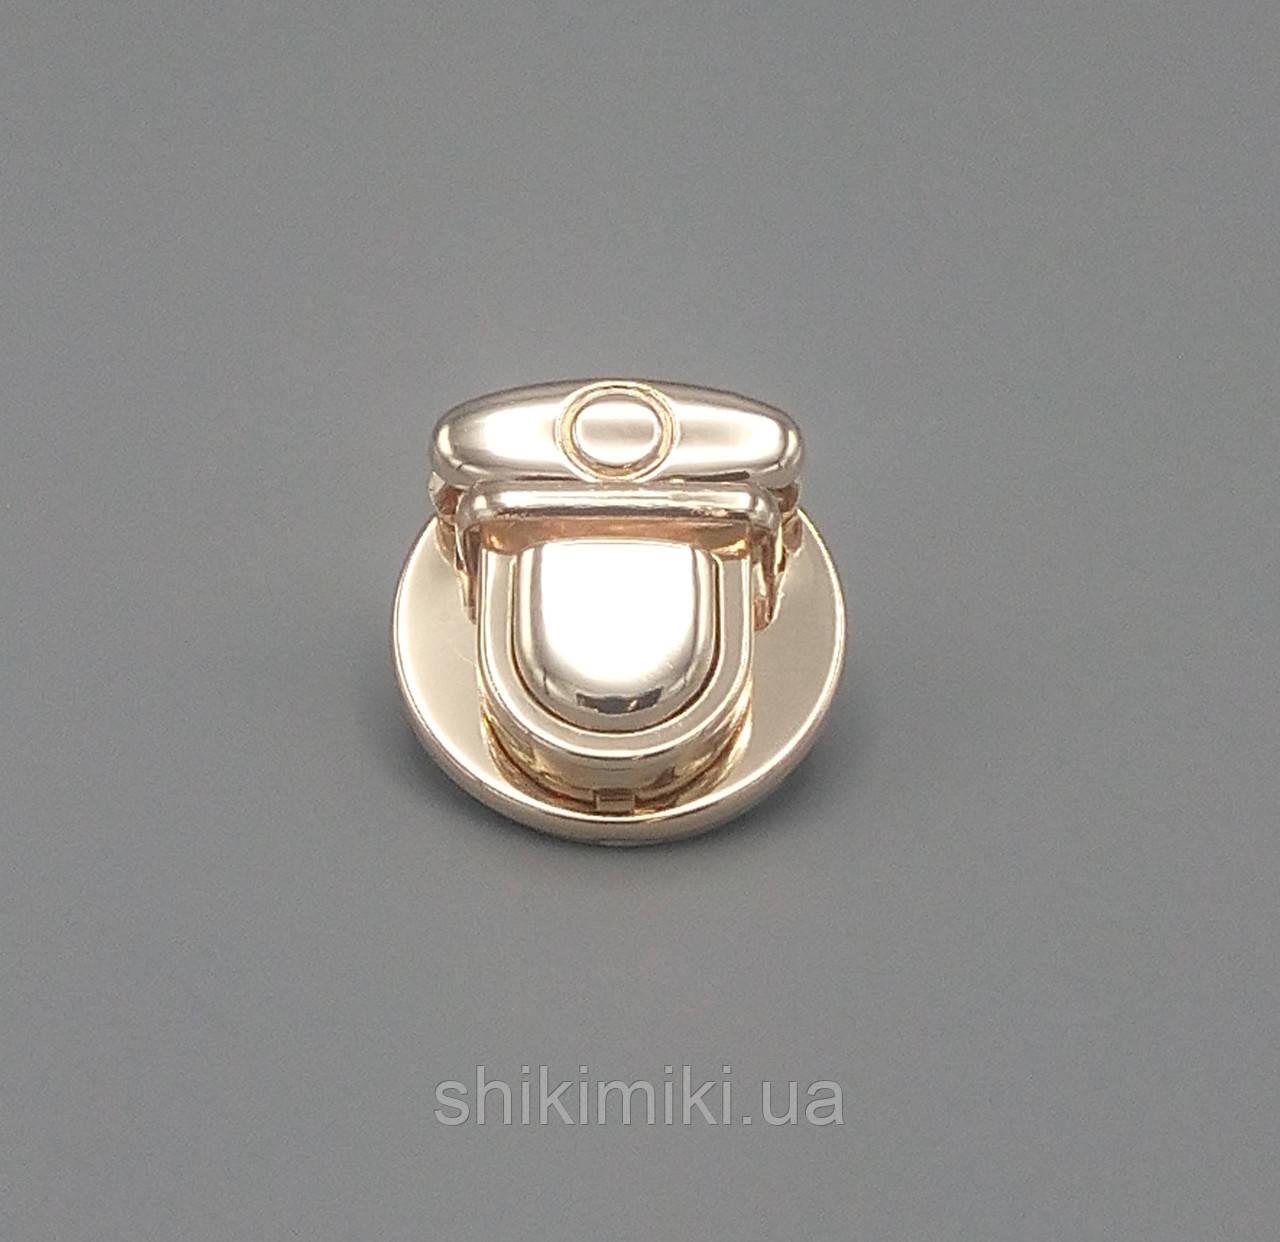 Замок круглый портфельный ZМ15-3, цвет золото